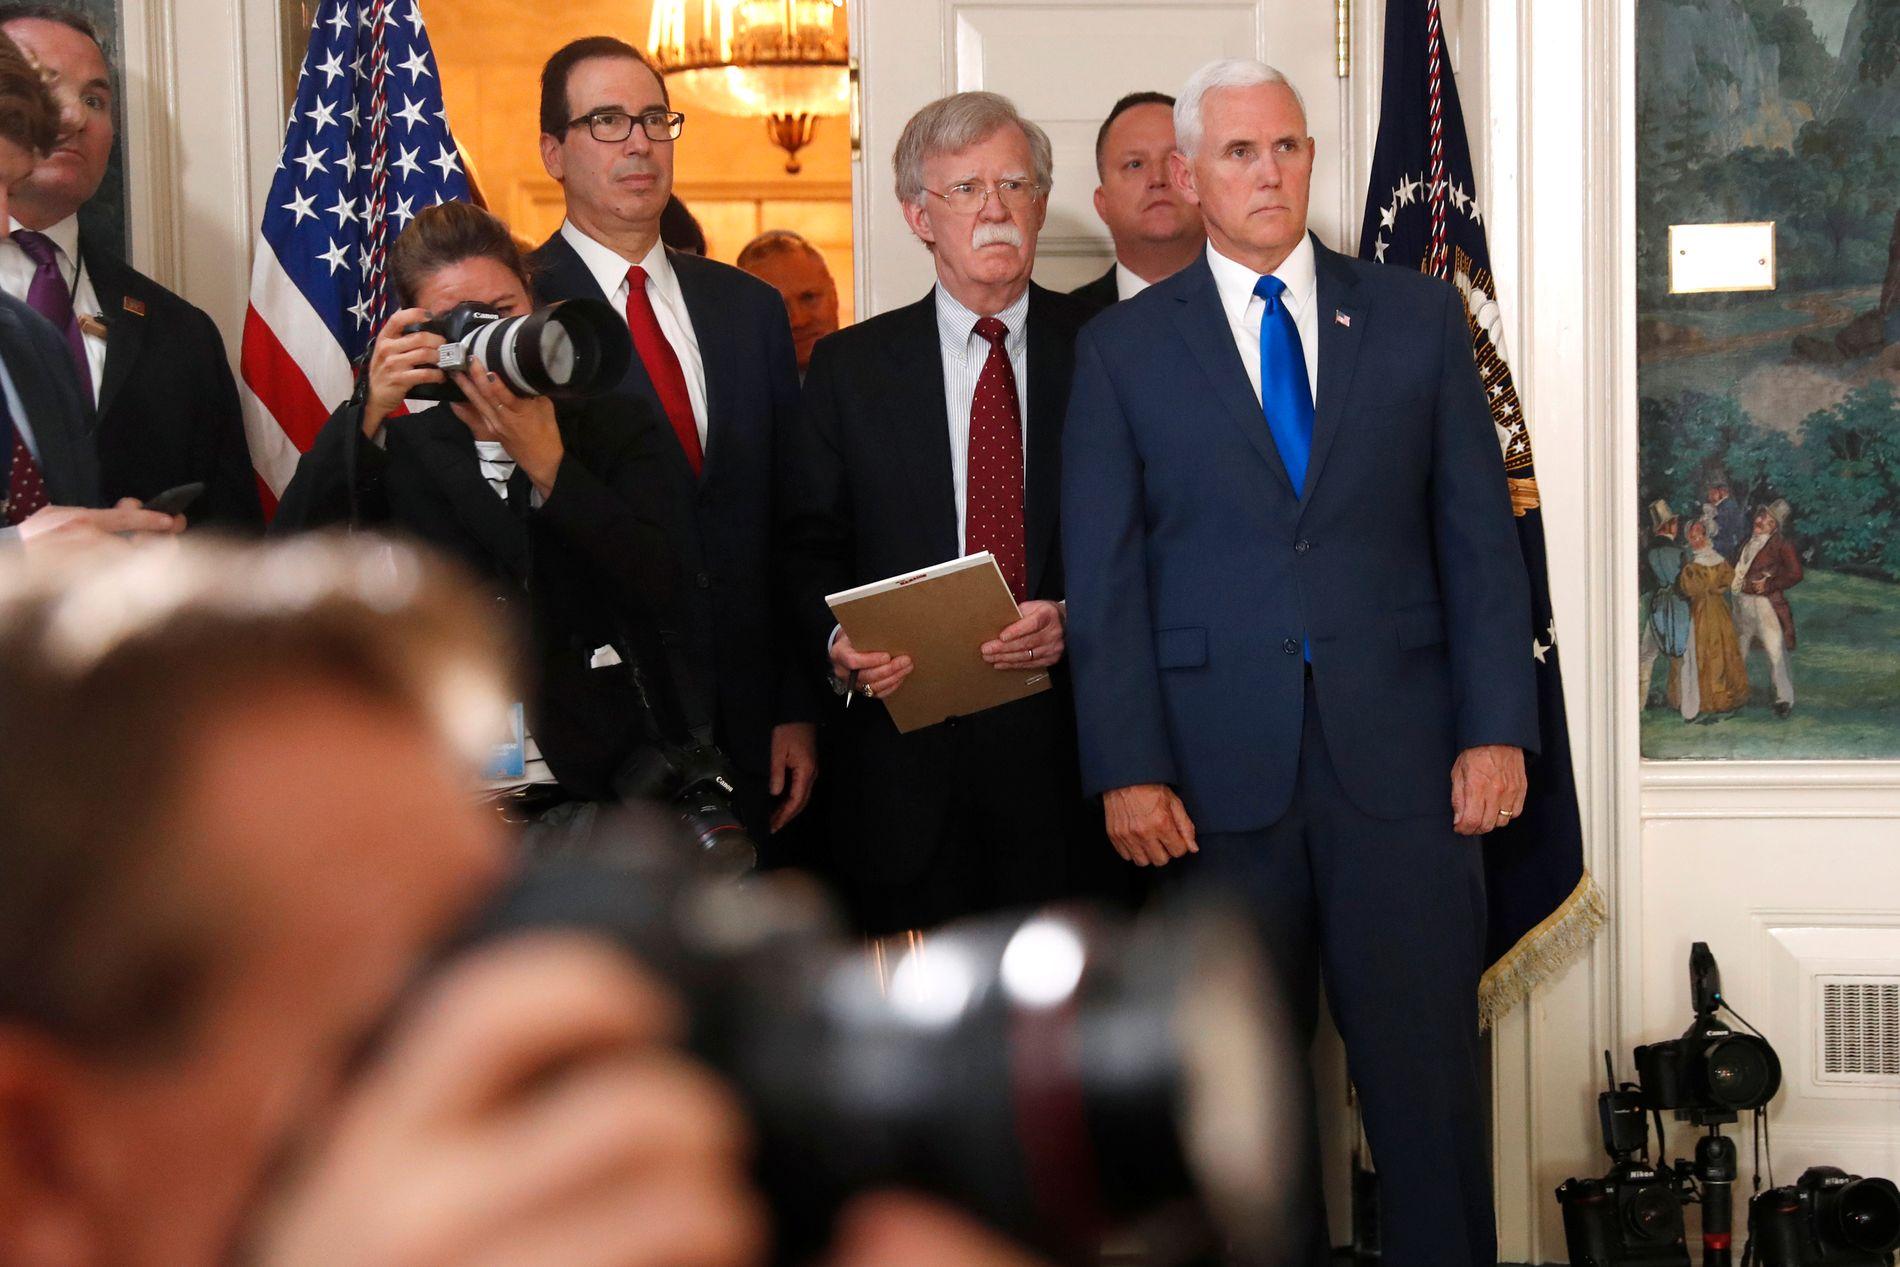 BOLTONS VERK: John Bolton er ein tidlegare FN-ambassadør som ikkje verkar å tru på diplomati. Han står for harde, militære løysingar både i Iran og Nord-Korea. Talen til Trump verka som Boltons verk, skriv Morten Myksvoll.